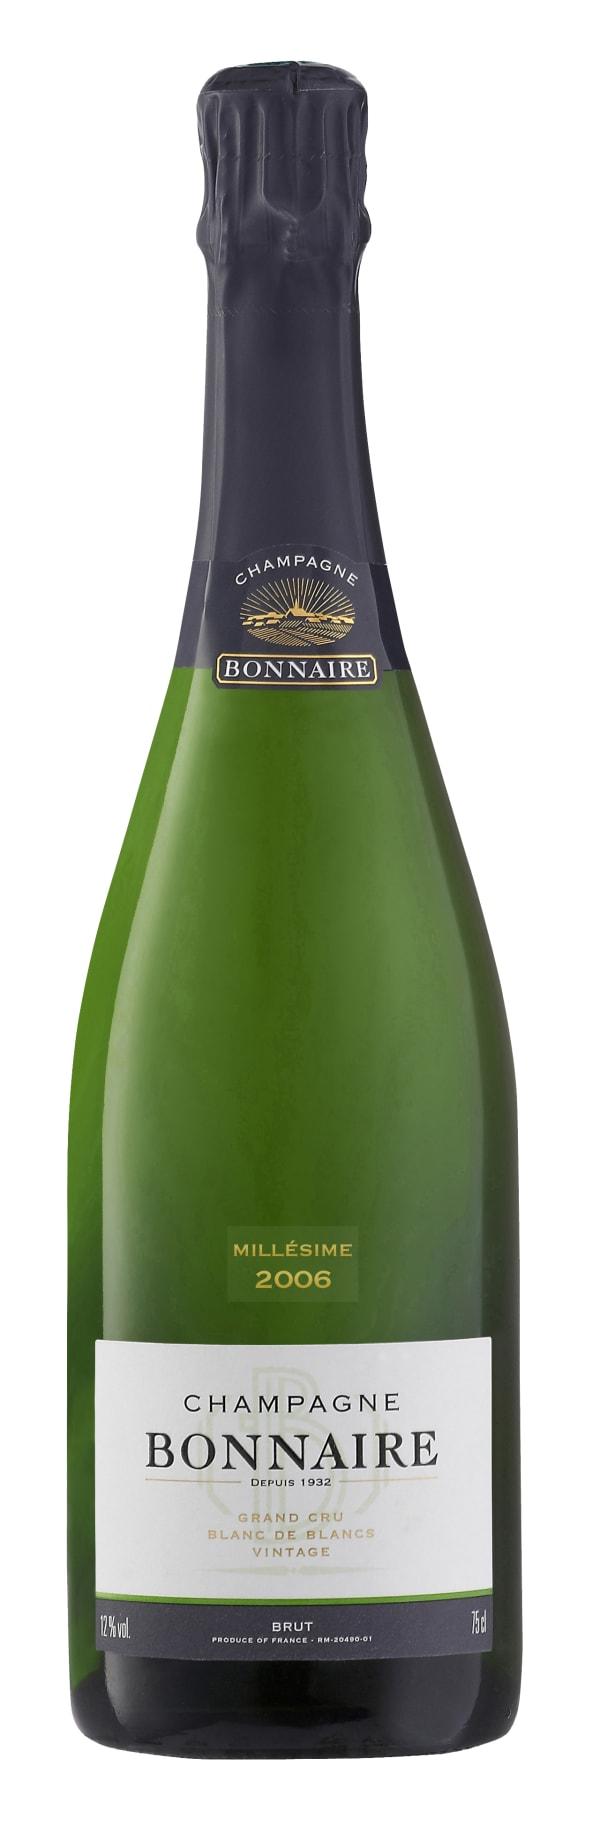 Bonnaire Blanc de Blancs Grand Cru Champagne Brut 2006